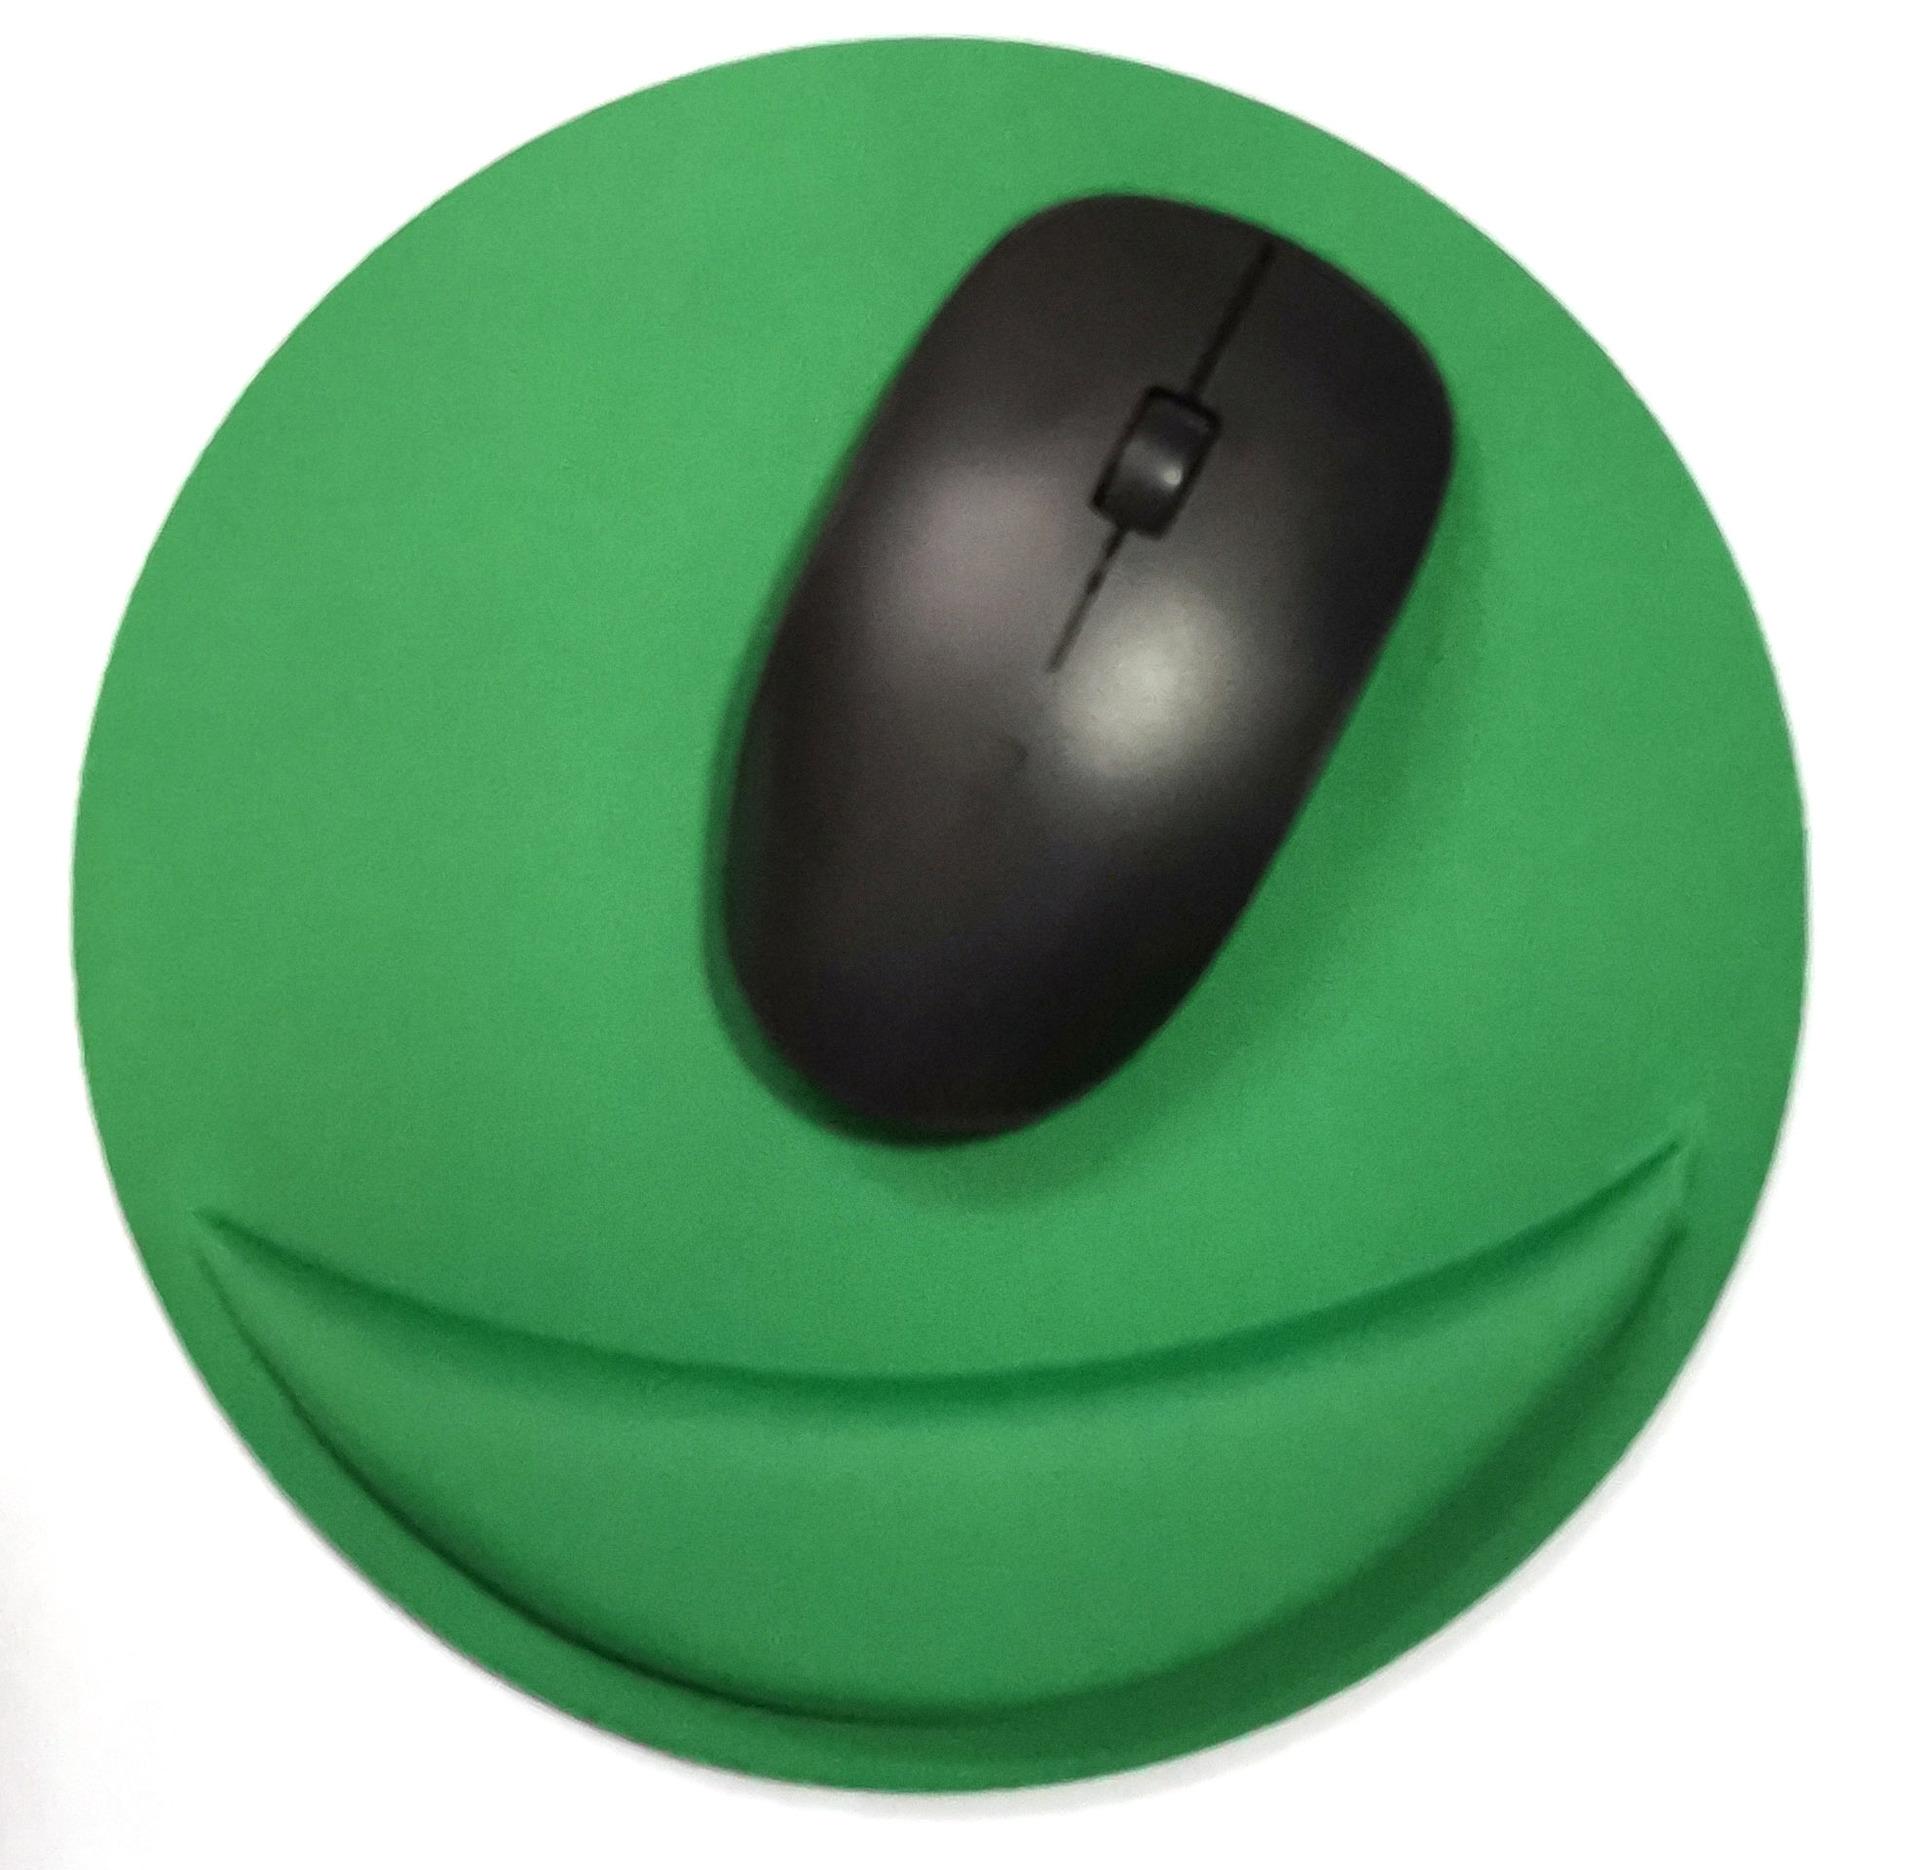 support de souris rond de couleur verte